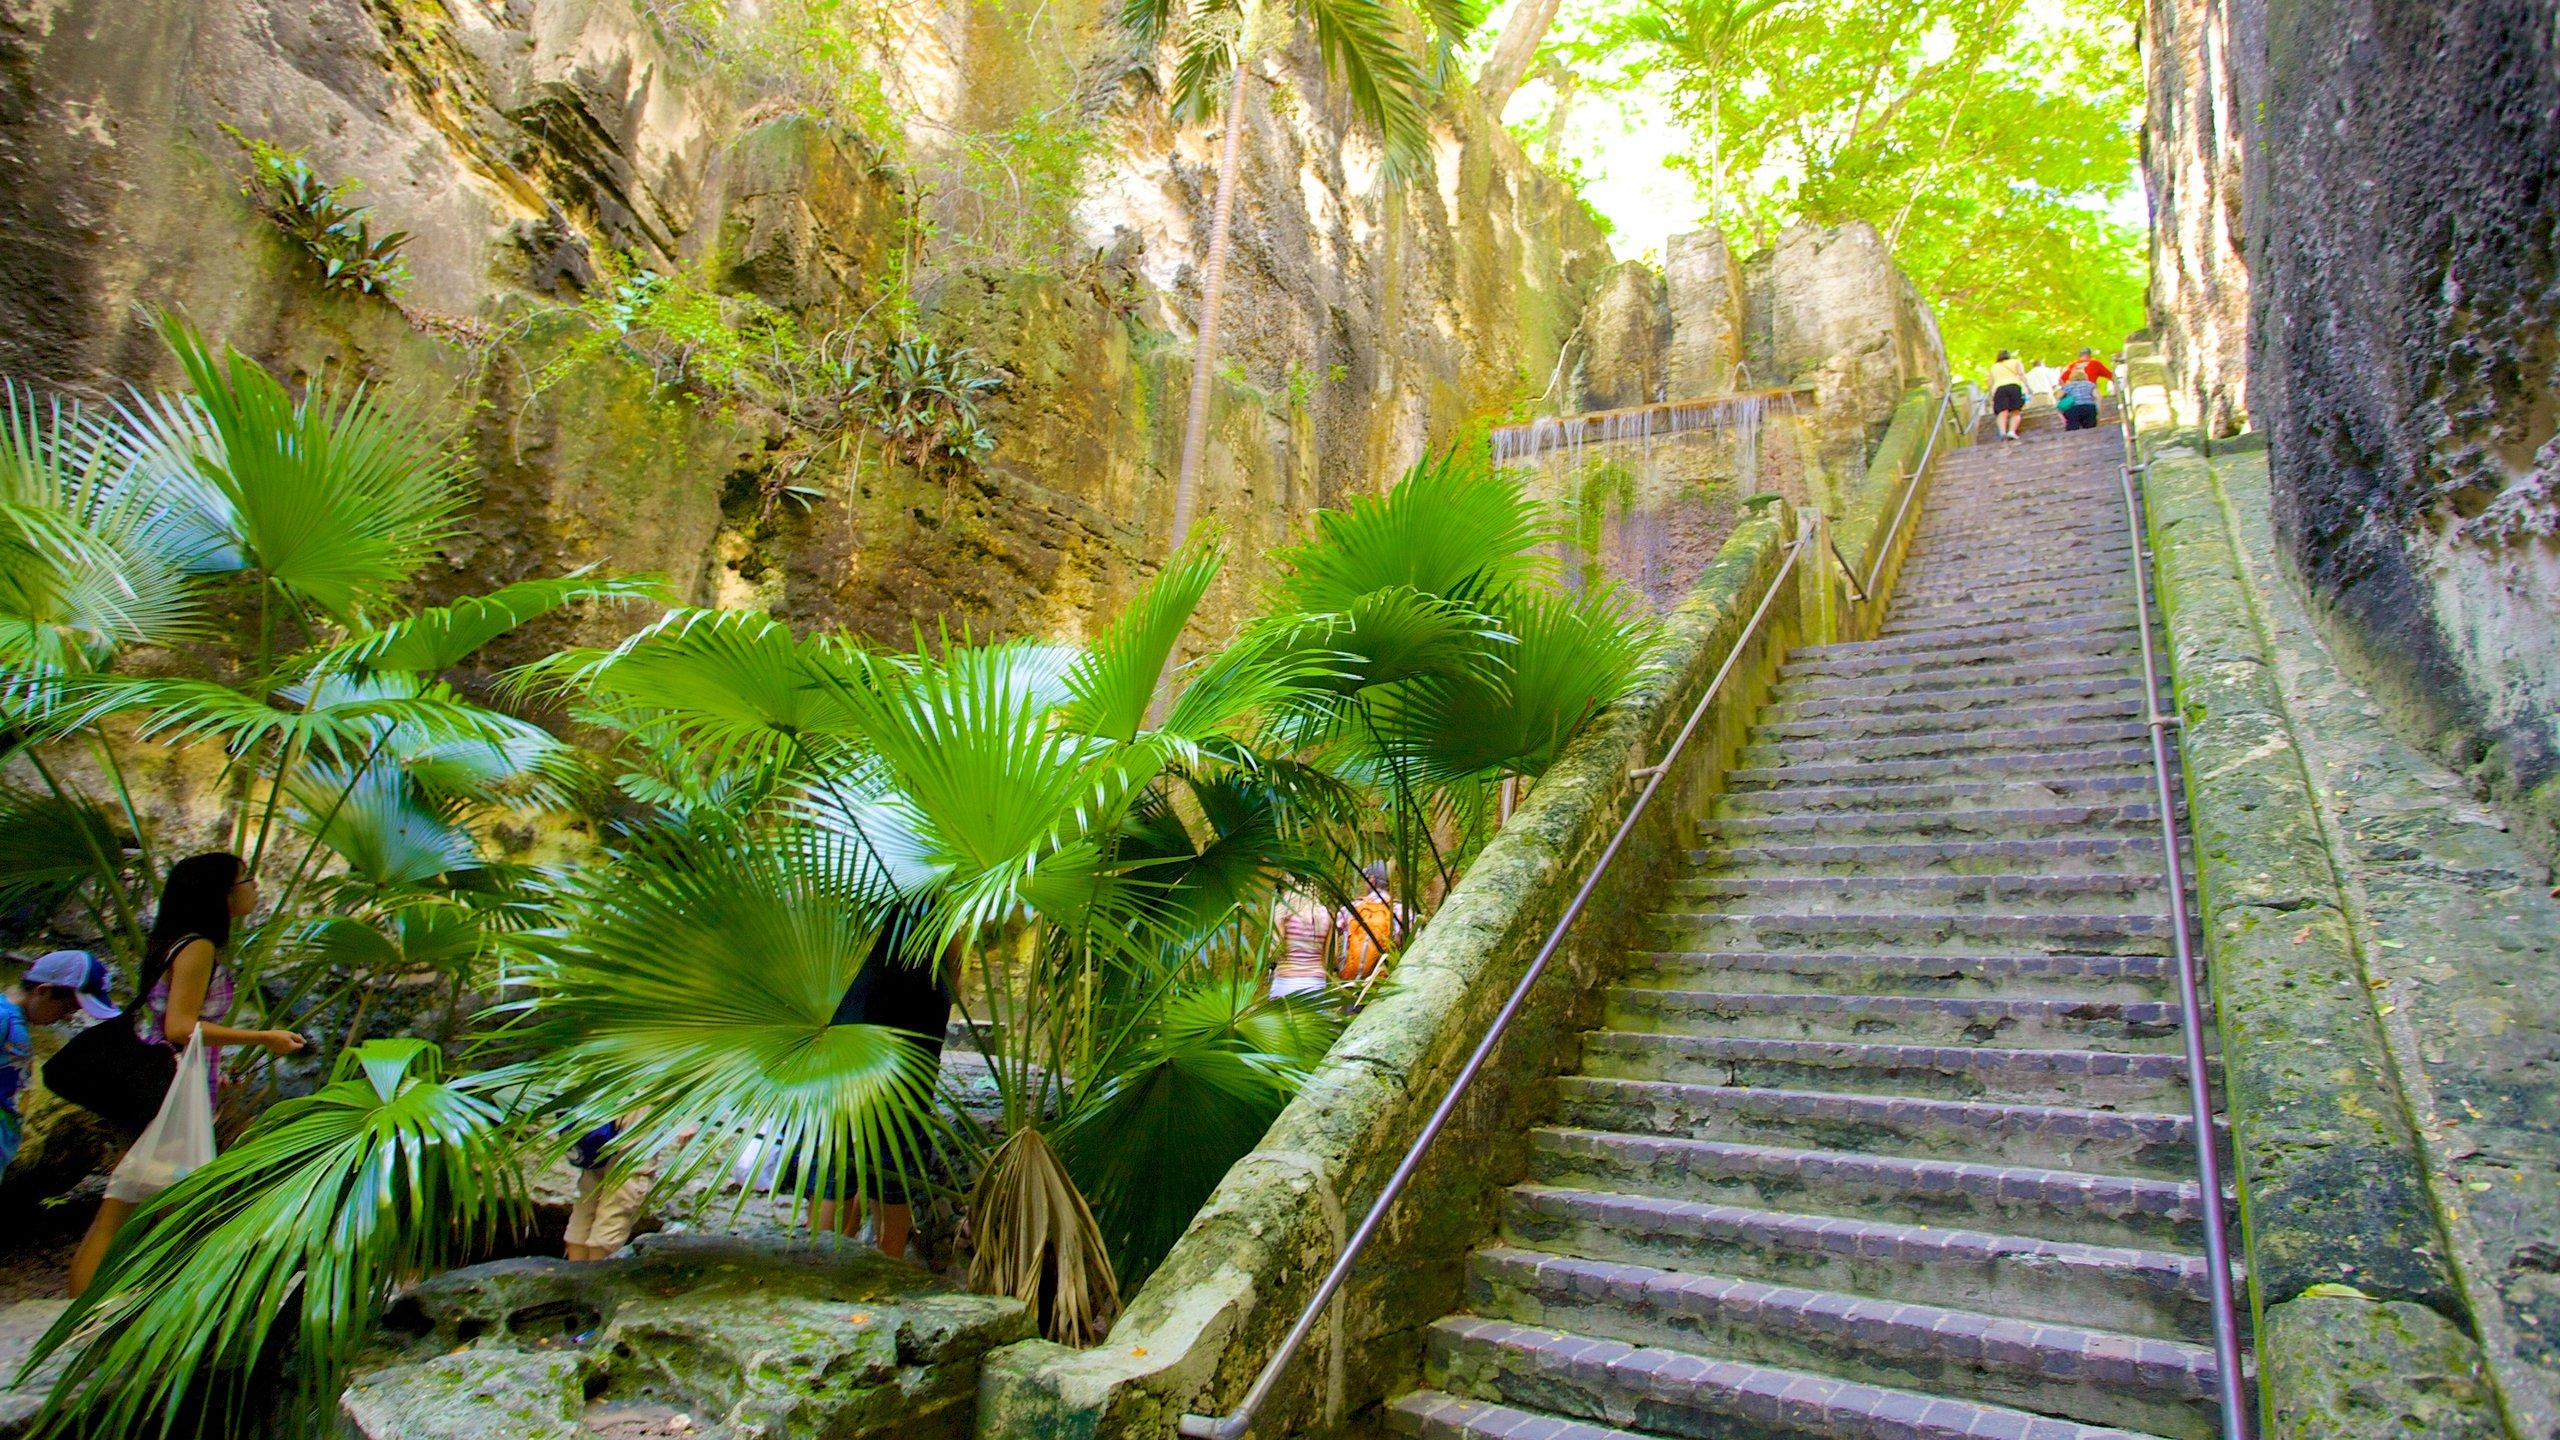 Diese von einem Wasserfall flankierte Kalksteintreppe, die zu Ehren des 65-jährigen Thronjubiläums von Königin Victoria benannt wurde, ist die am häufigsten besuchte Sehenswürdigkeit in Nassau.